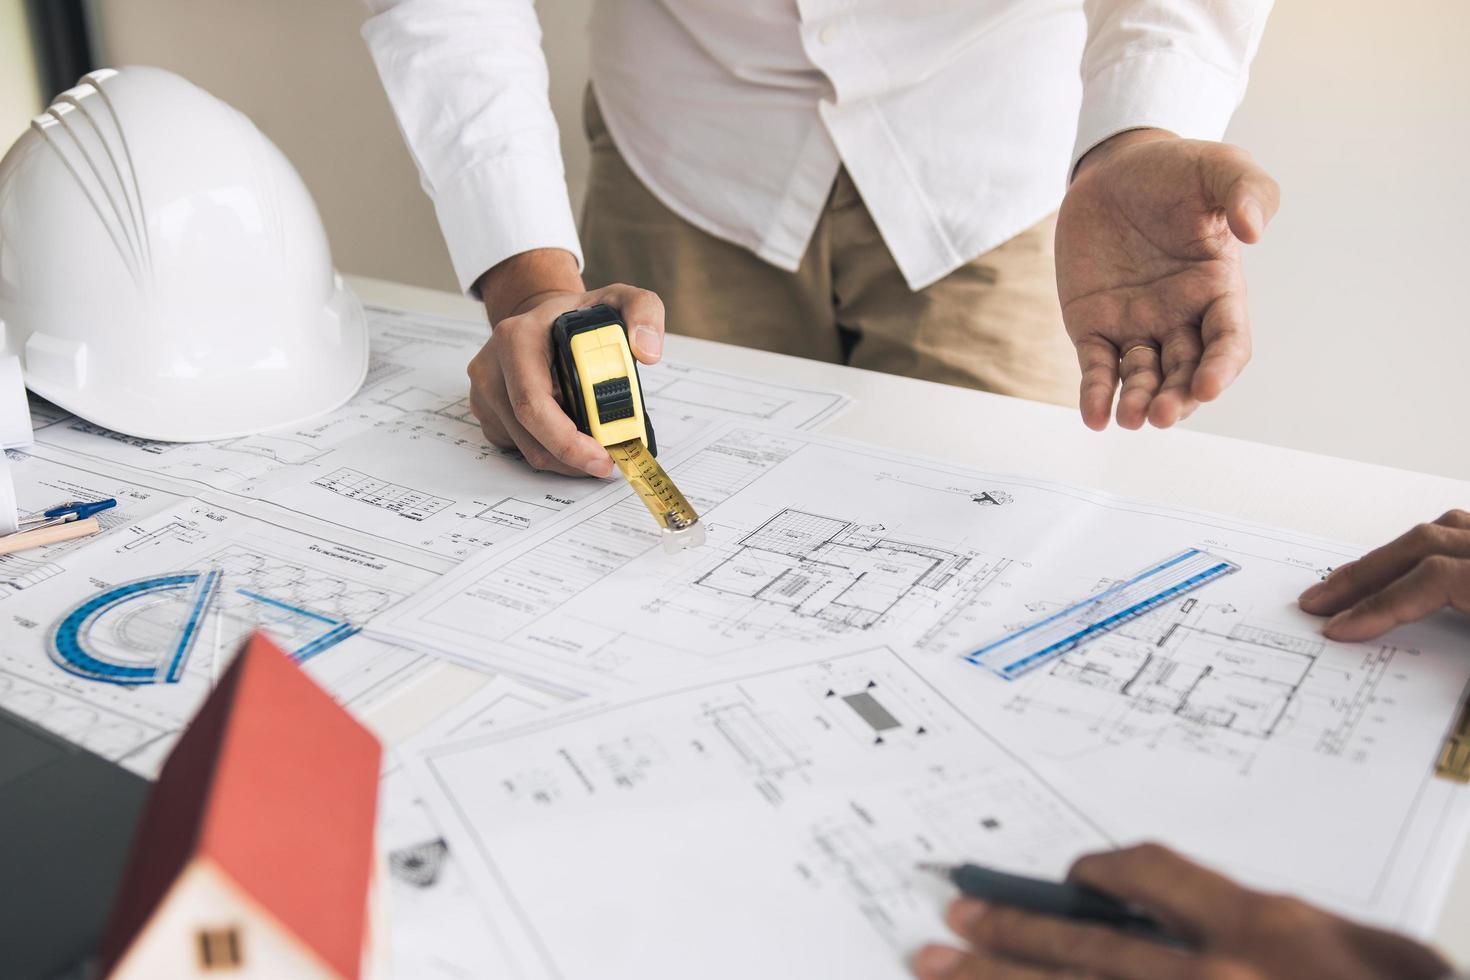 deux architectes travaillant sur un projet de construction photo